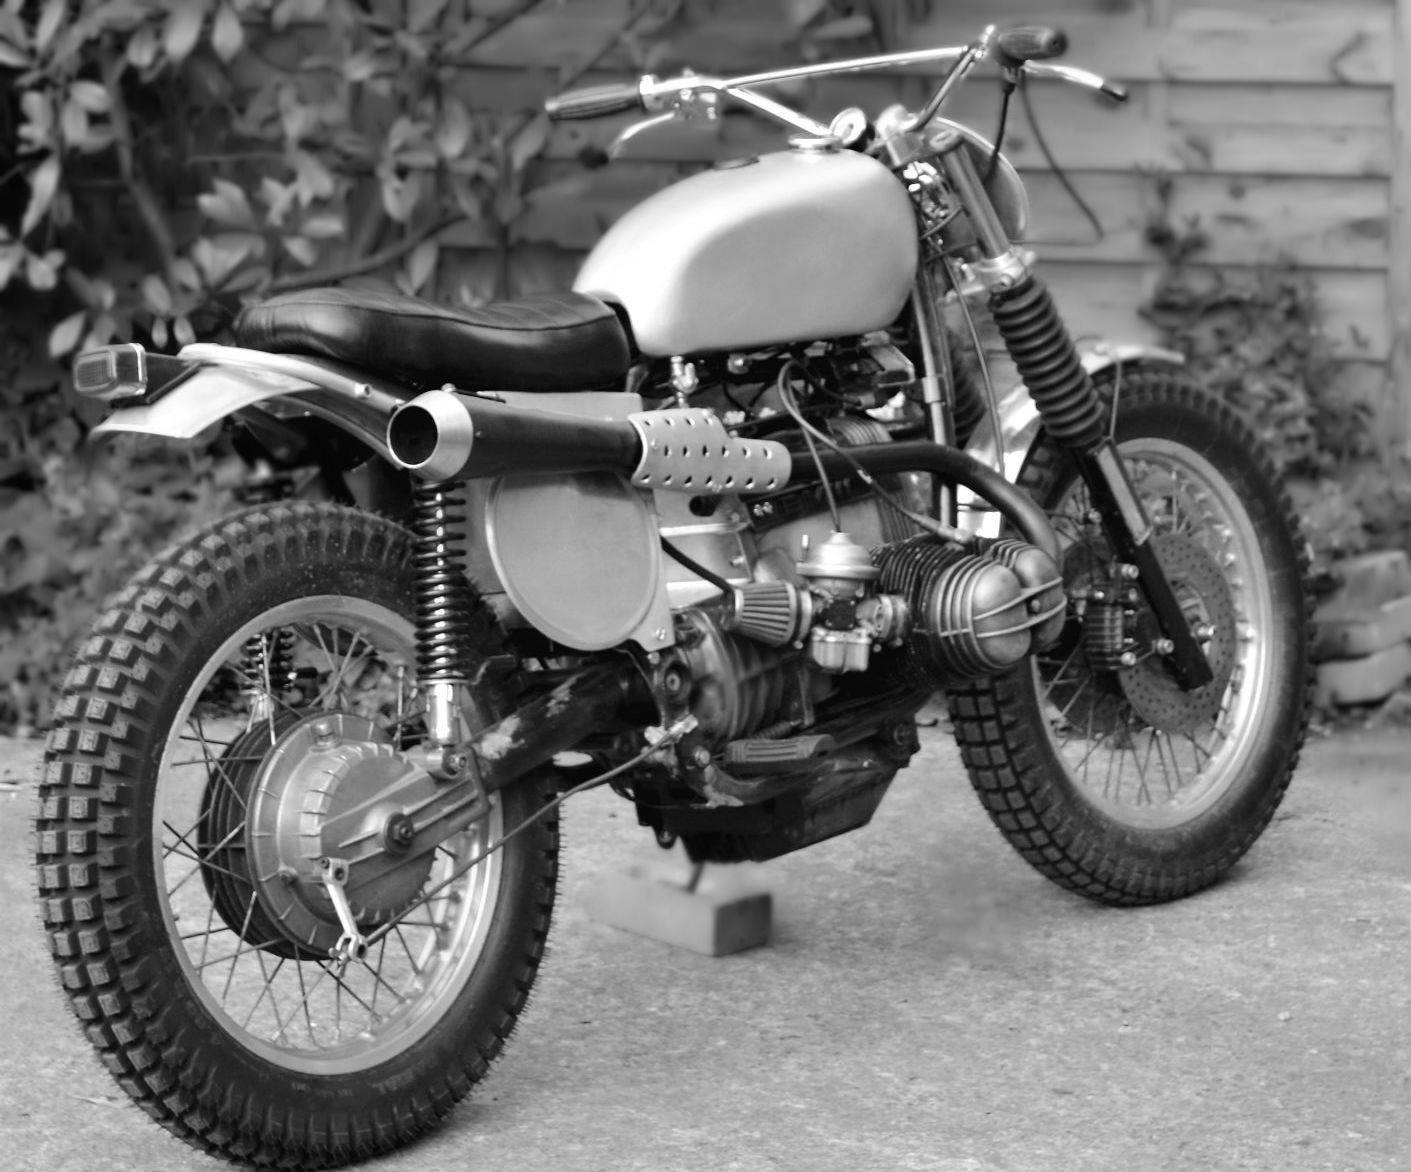 Populaire Dust Motorcycles BMW R80 Scrambler TRI-BEEMER - RocketGarage  KX16